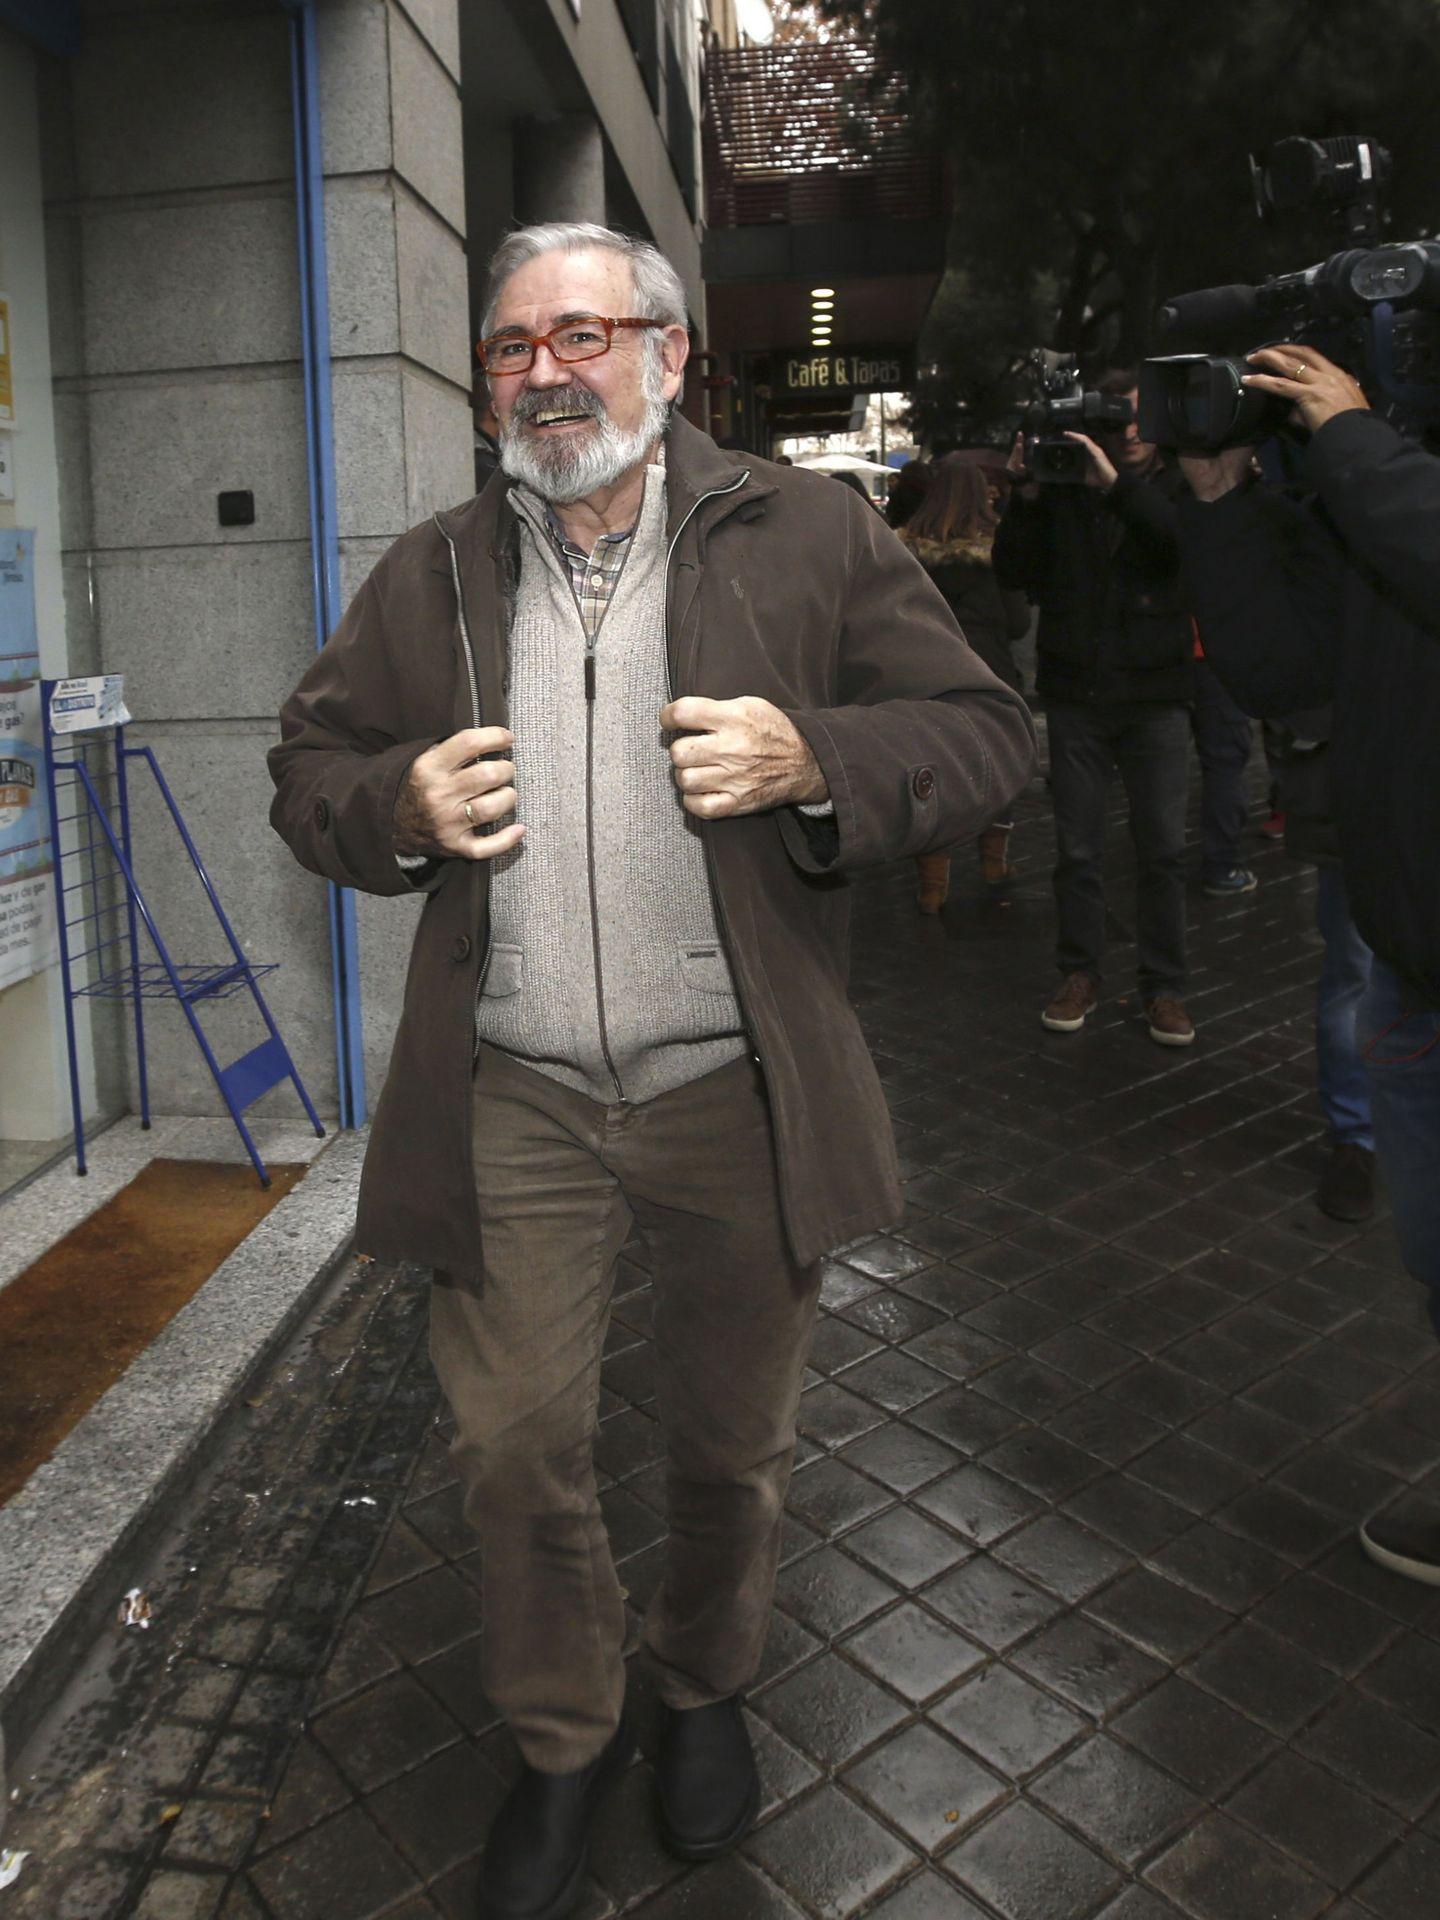 El exministro Juan Manuel Eguiagaray Ucelay, a su llegada a la reunión que varias decenas de históricos dirigentes del PSOE realizaron en Madrid. (EFE)